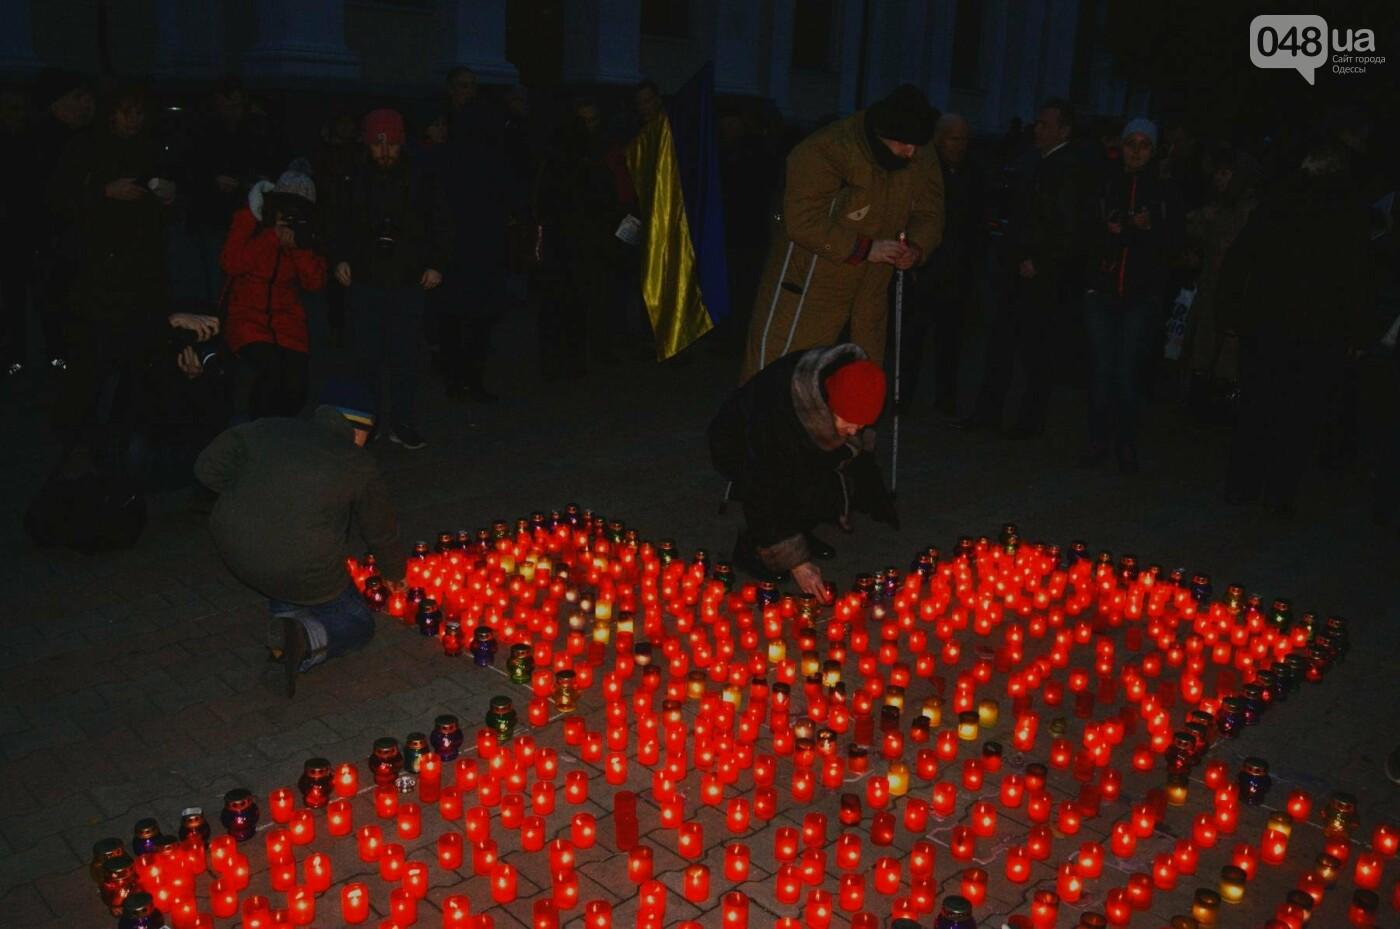 Одесситы провели трогательную акцию (ФОТО, ВИДЕО), фото-3